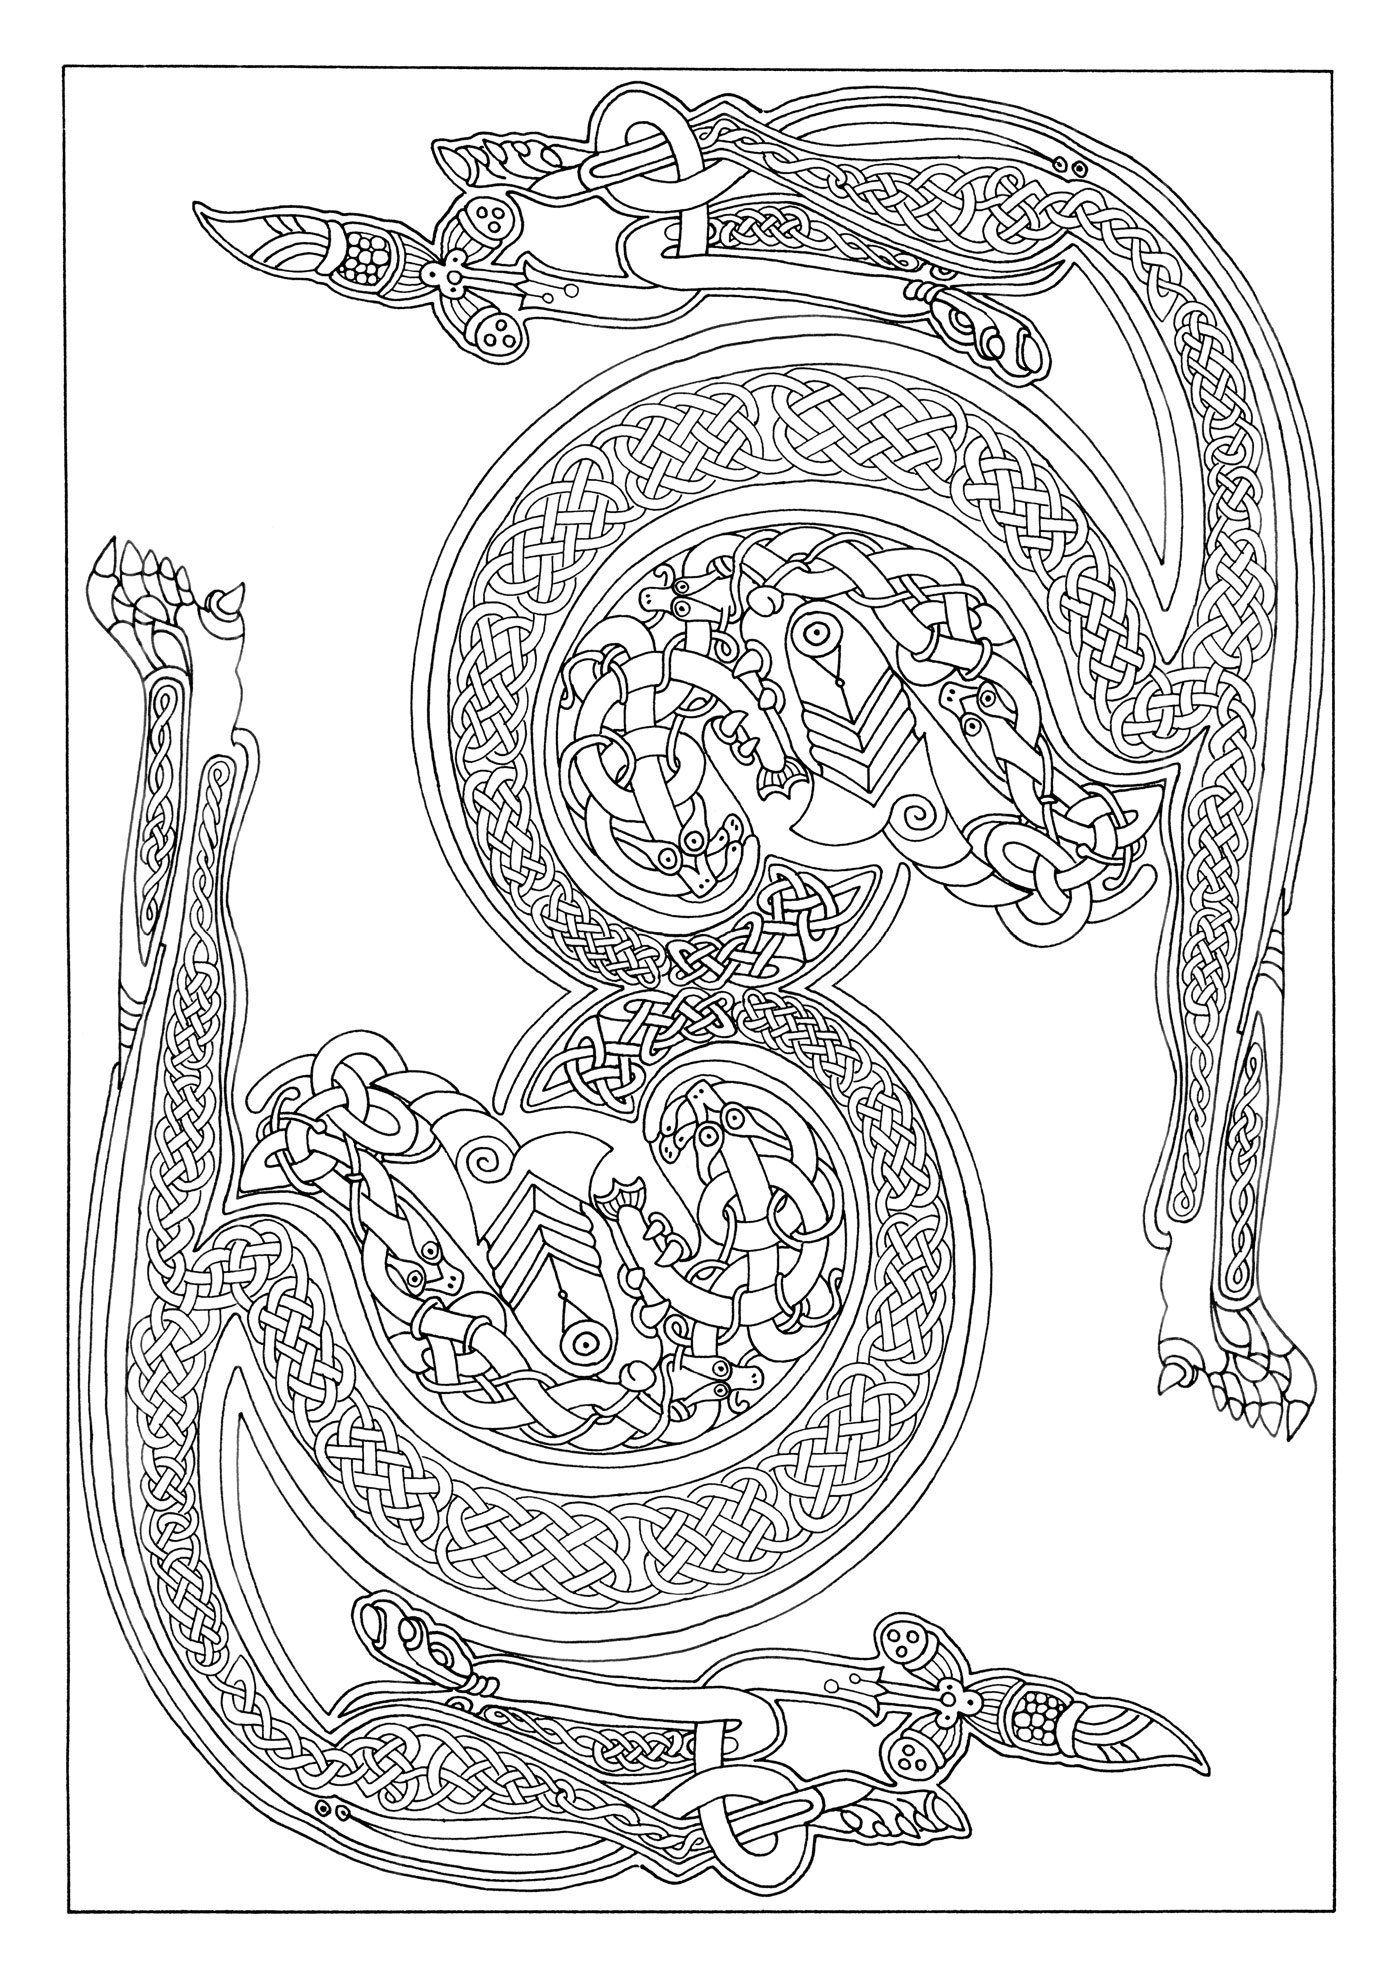 9190fA2XacL.jpg (1400×1980)   Mandalas   Pinterest   Mandalas ...